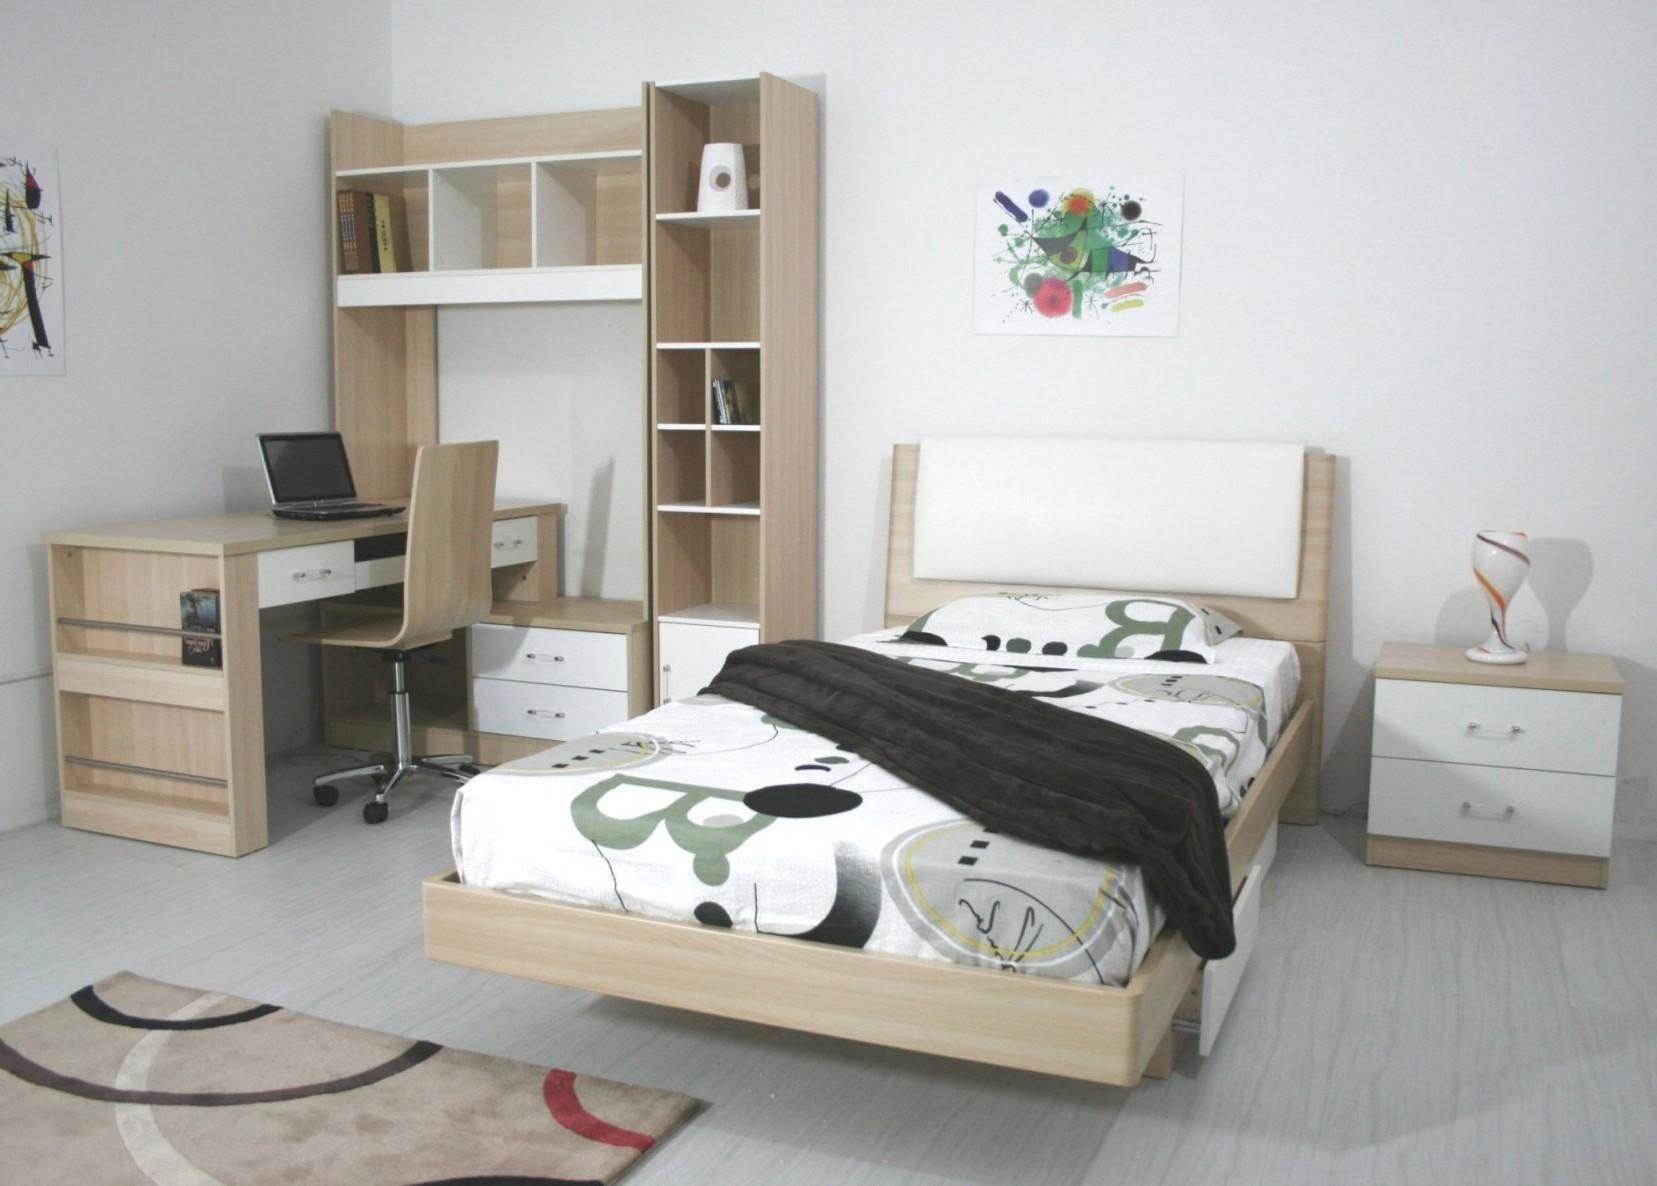 Chambre coucher adolescent chambre id es de for Idees de decoration de chambre a coucher